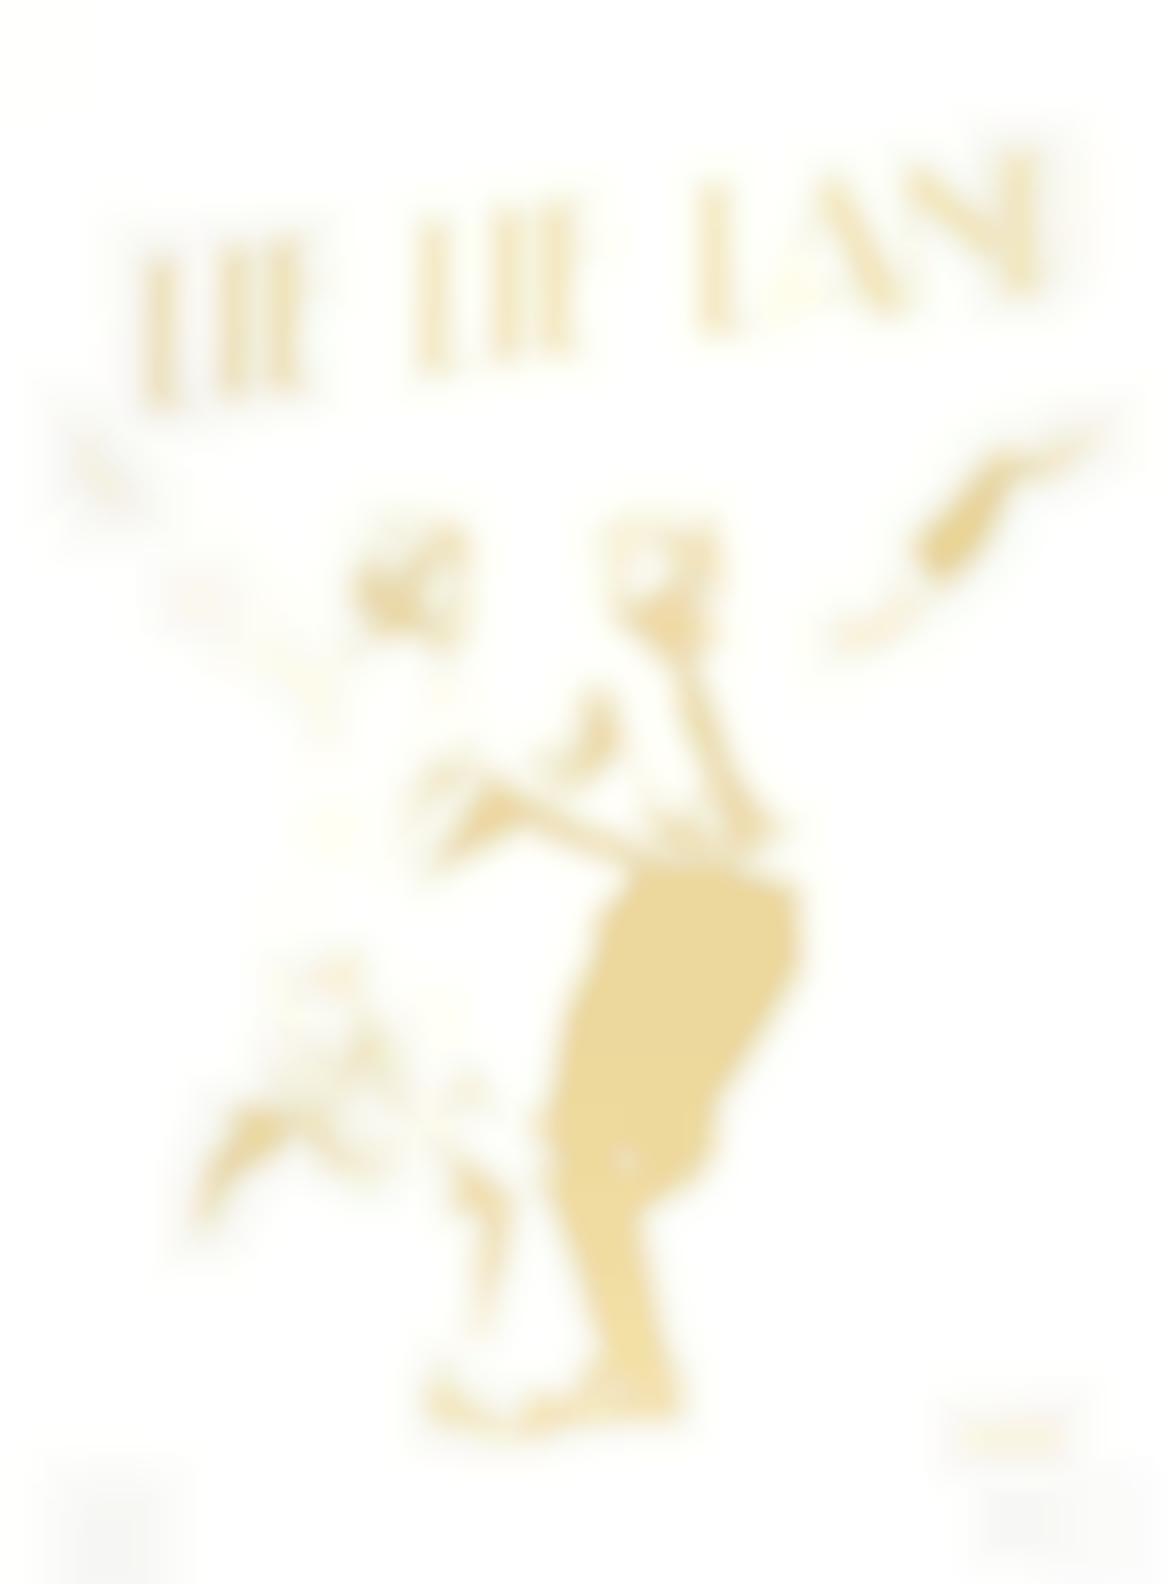 Bambi-Lie Lie Land (Gold)-2017